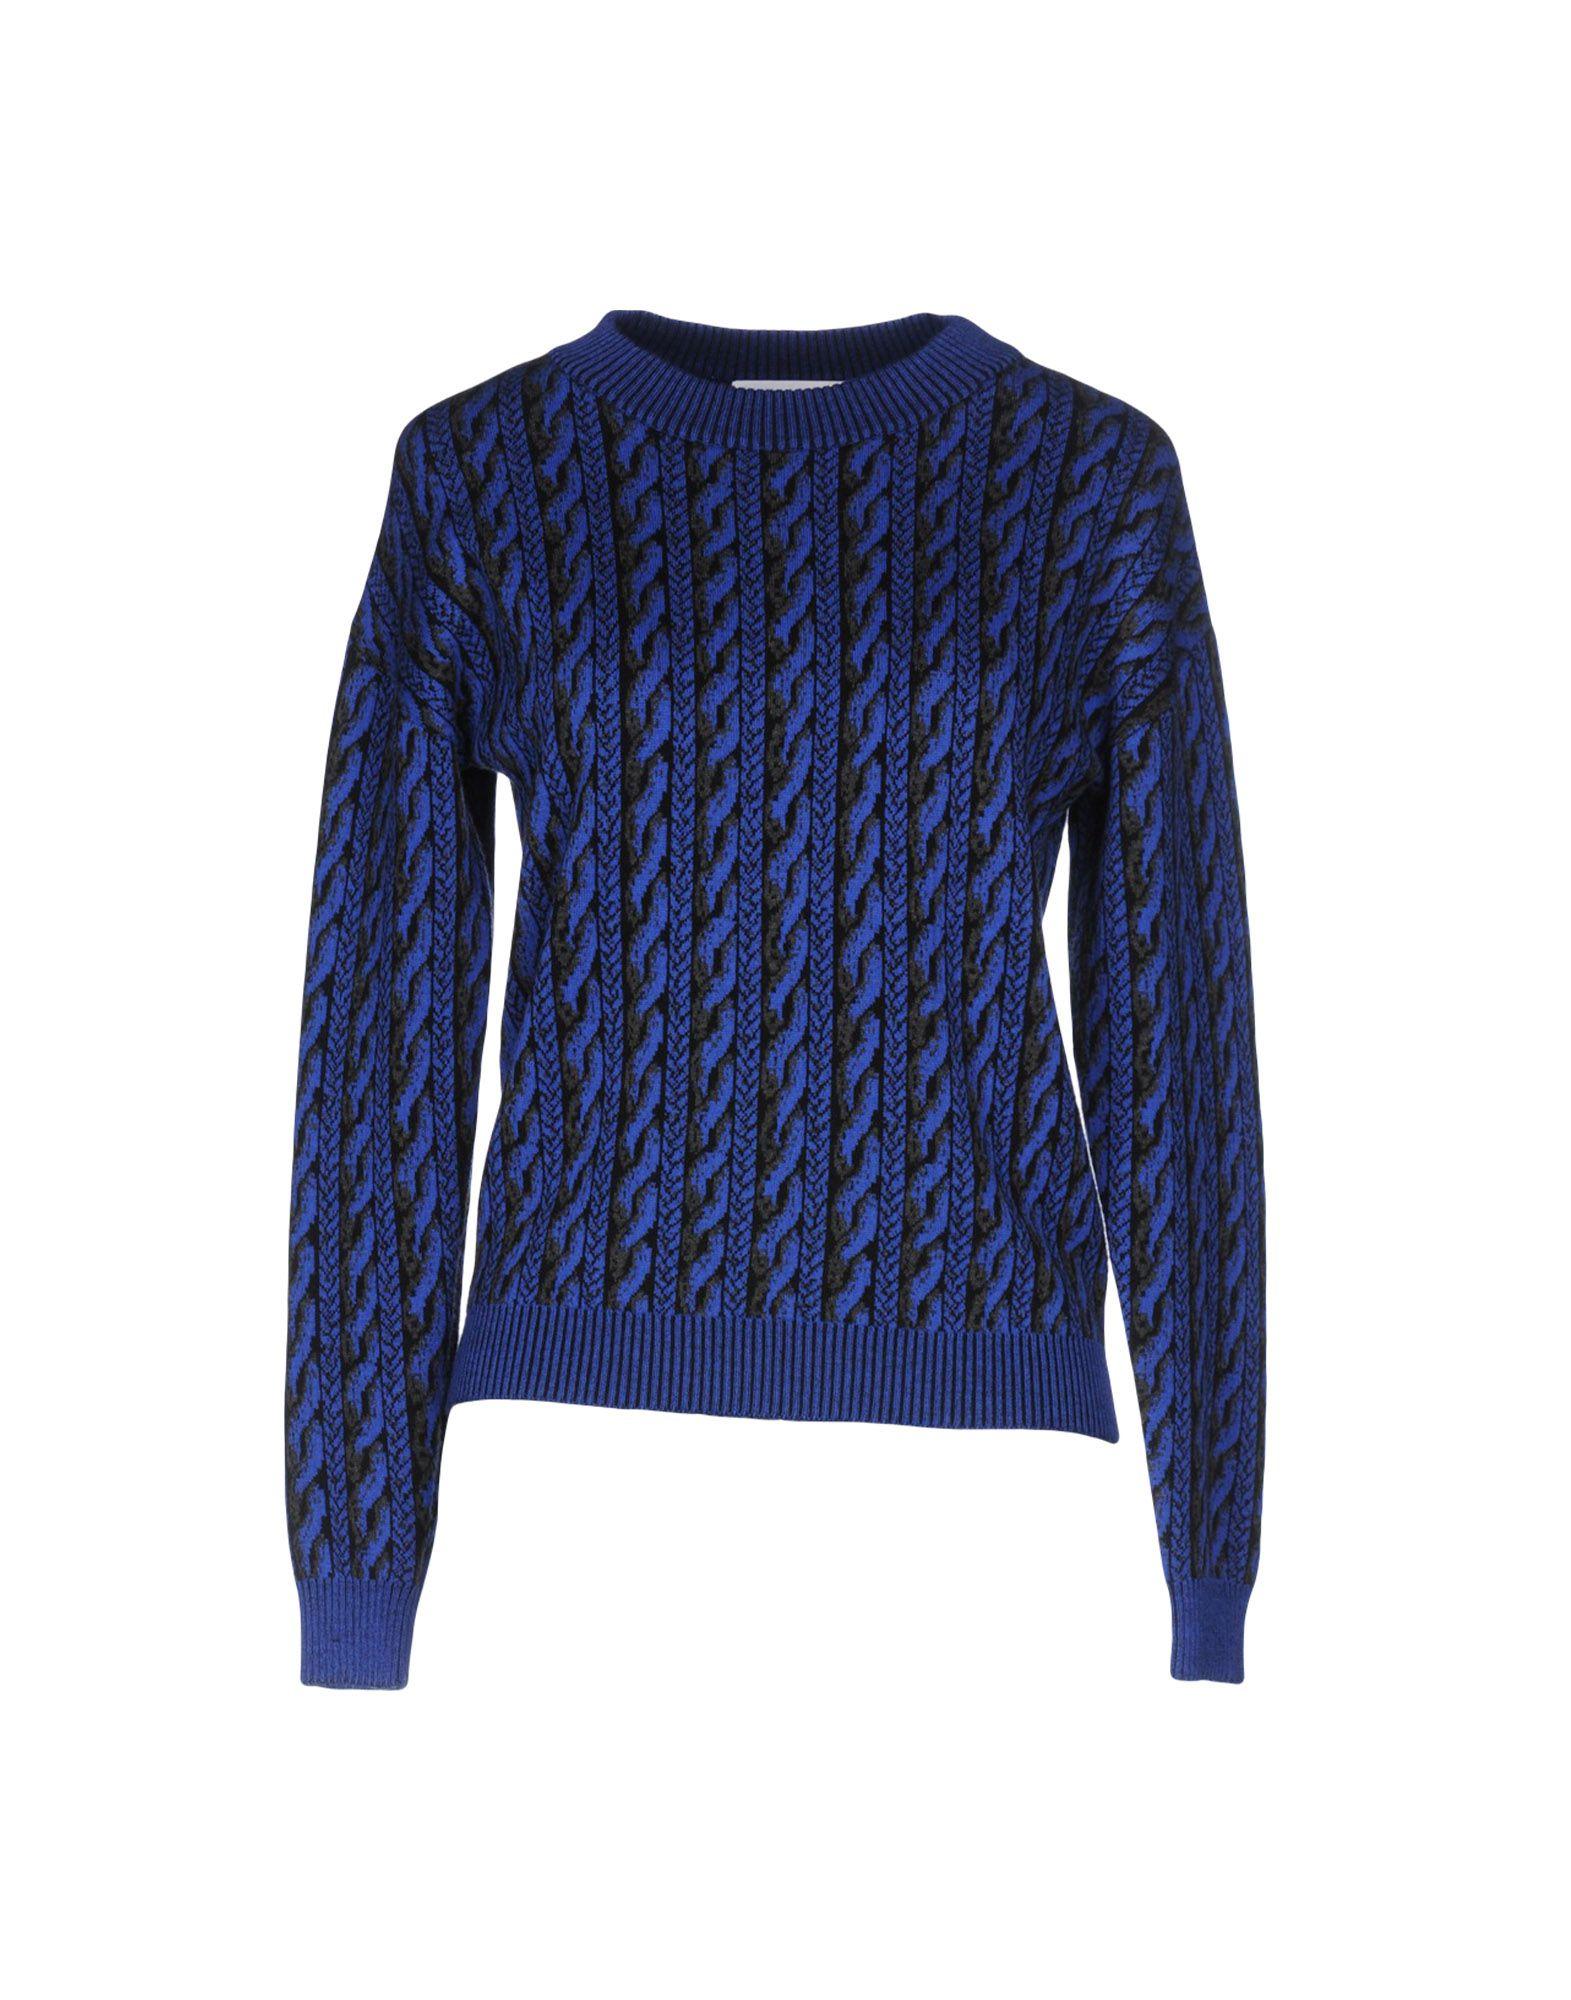 MOSCHINO COUTURE Damen Pullover Farbe Blau Größe 5 - broschei